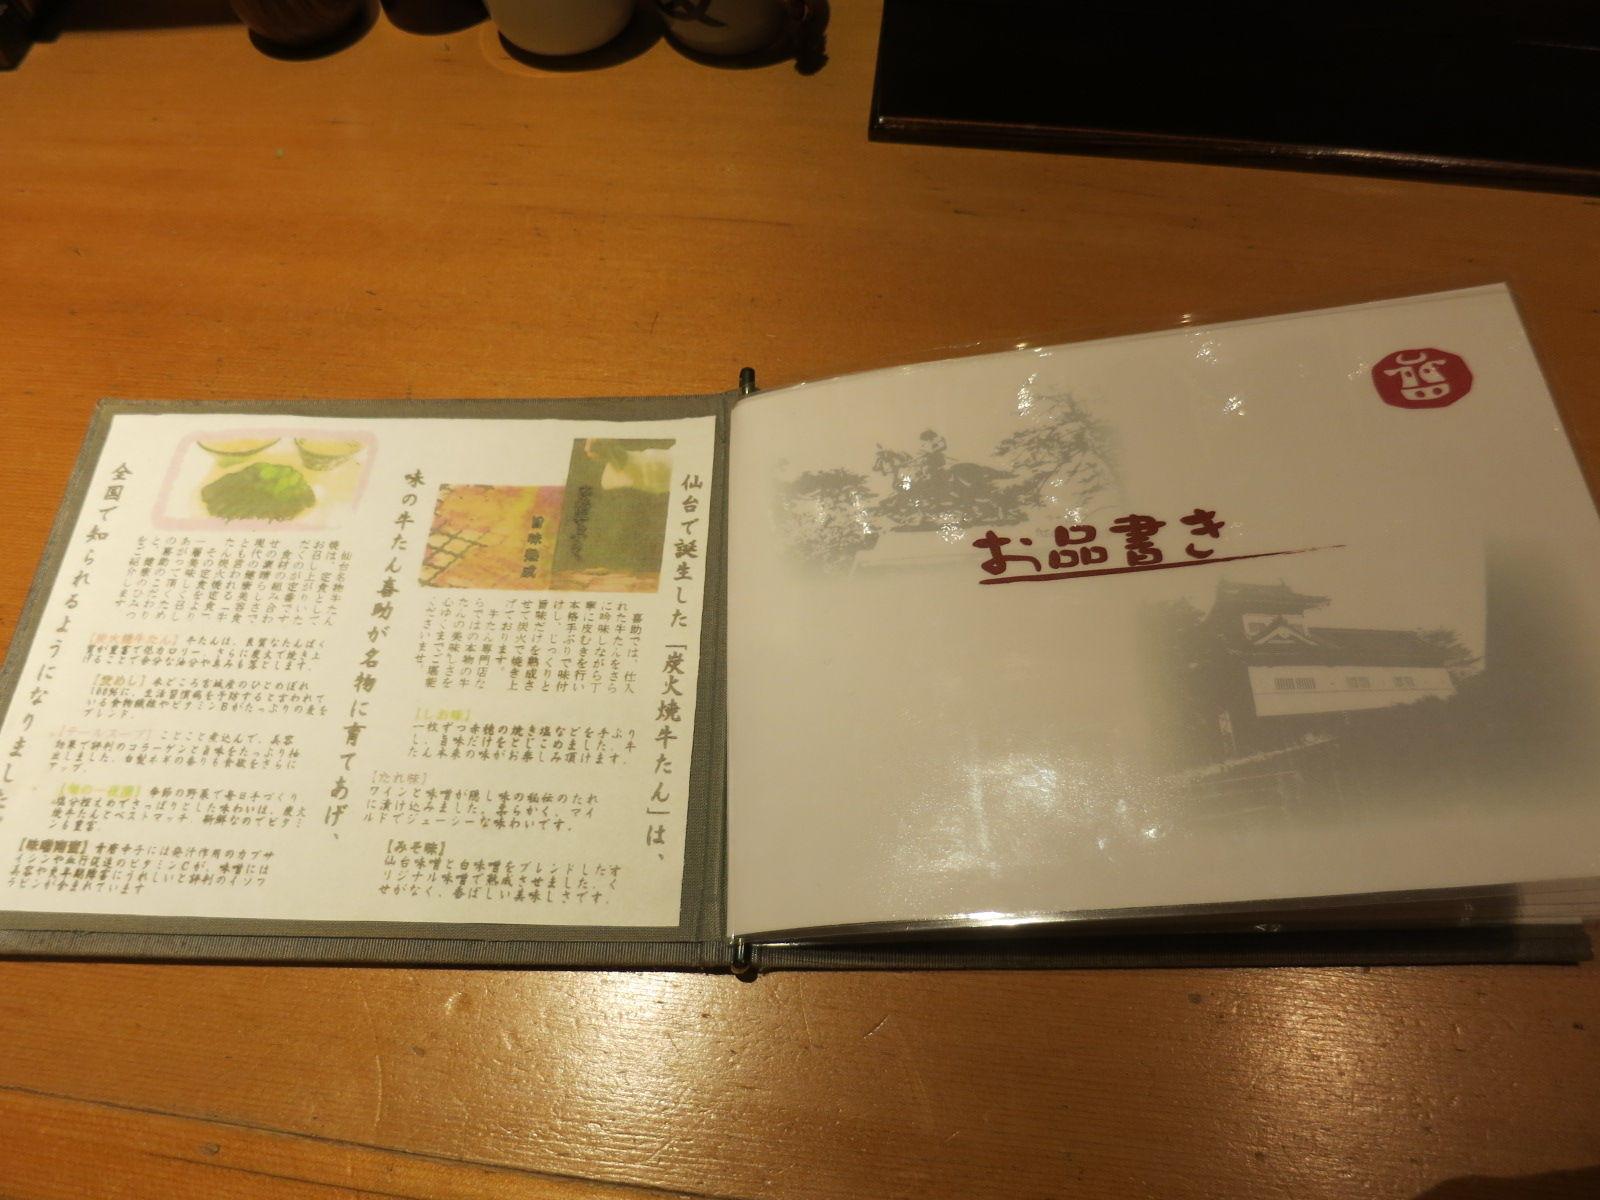 フォーリンデブはっしー 公式ブログ - 「喜助分店」(浜松町・大門/牛タン) - Powered by LINE